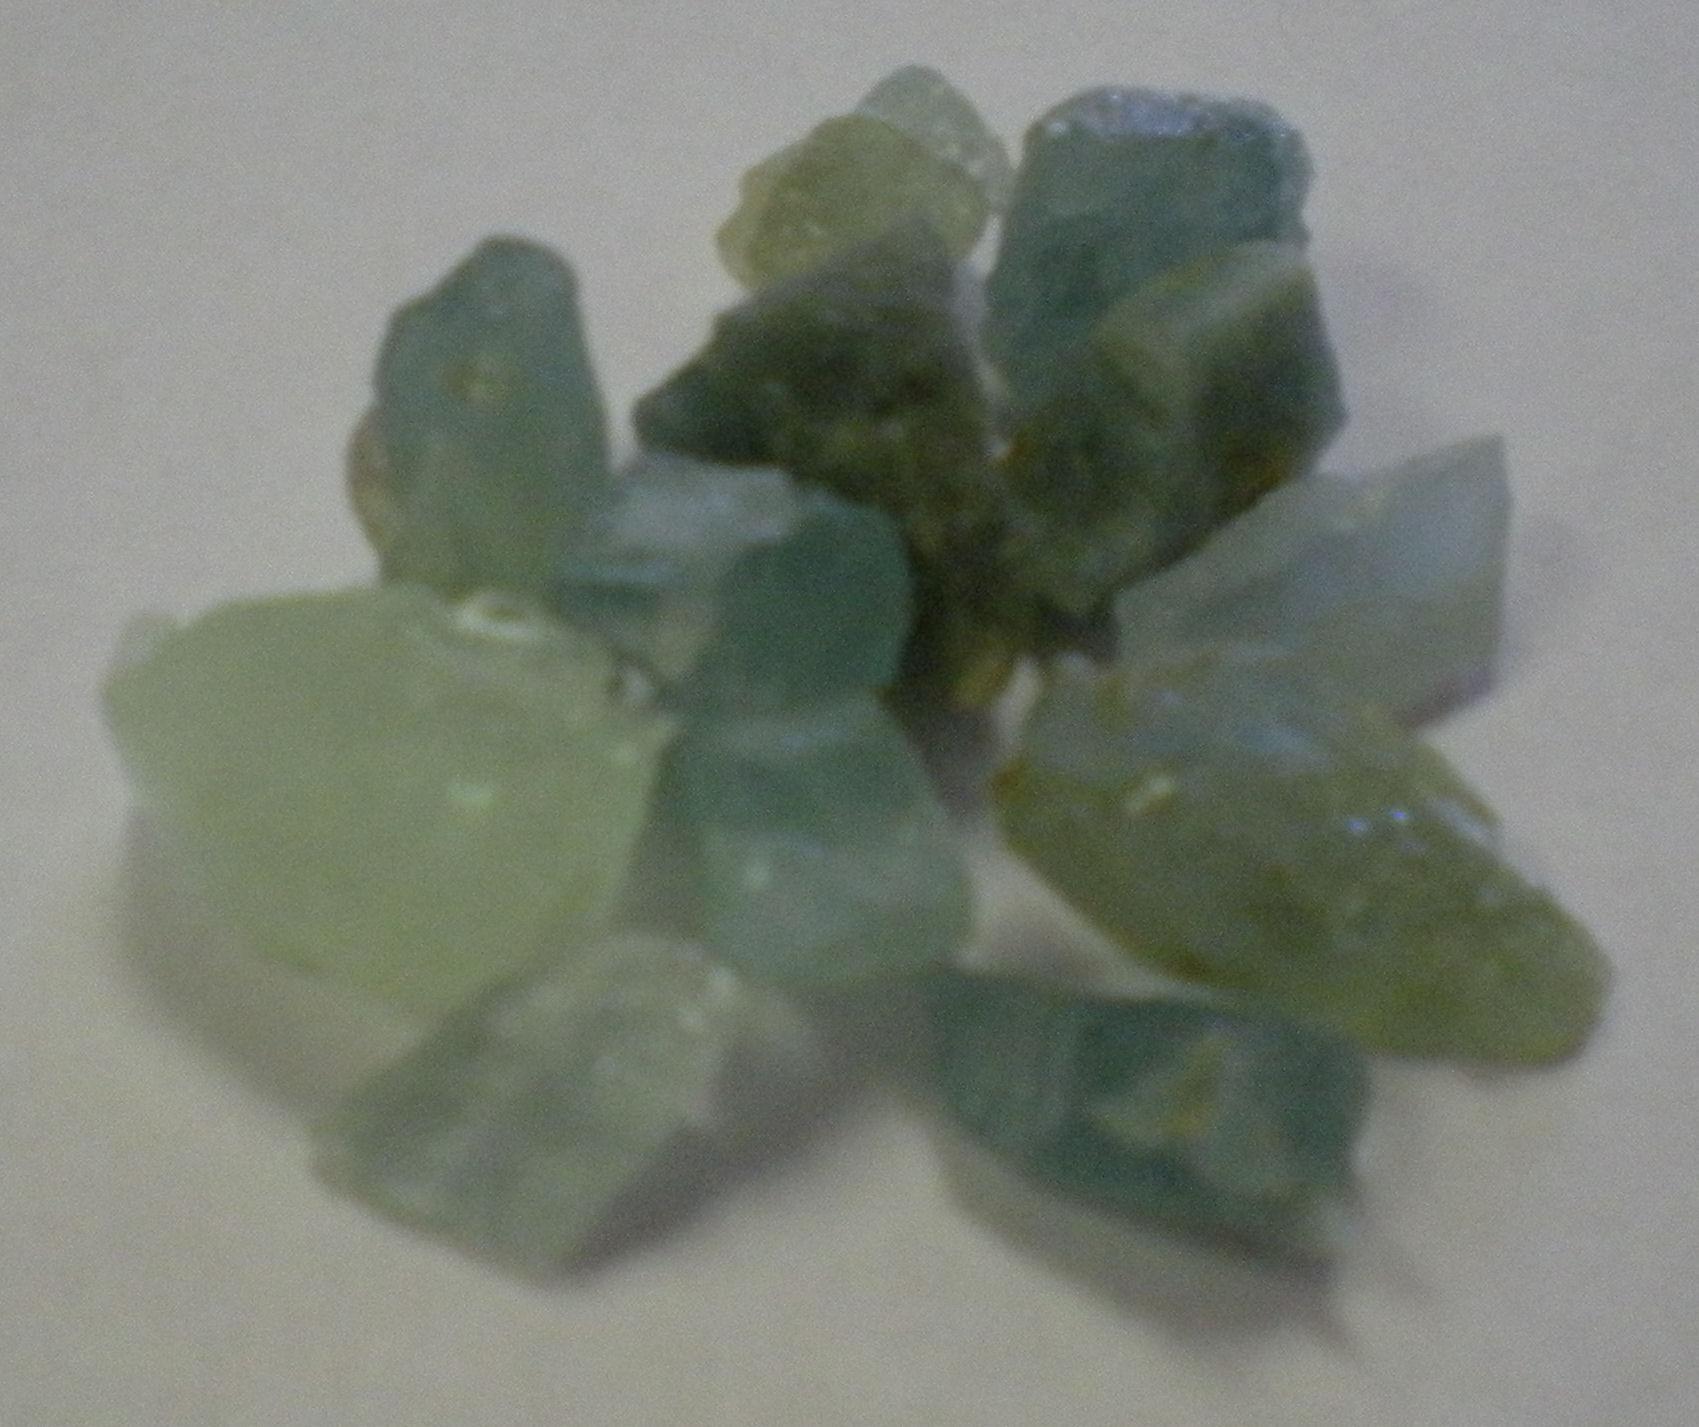 Crystals attract sex